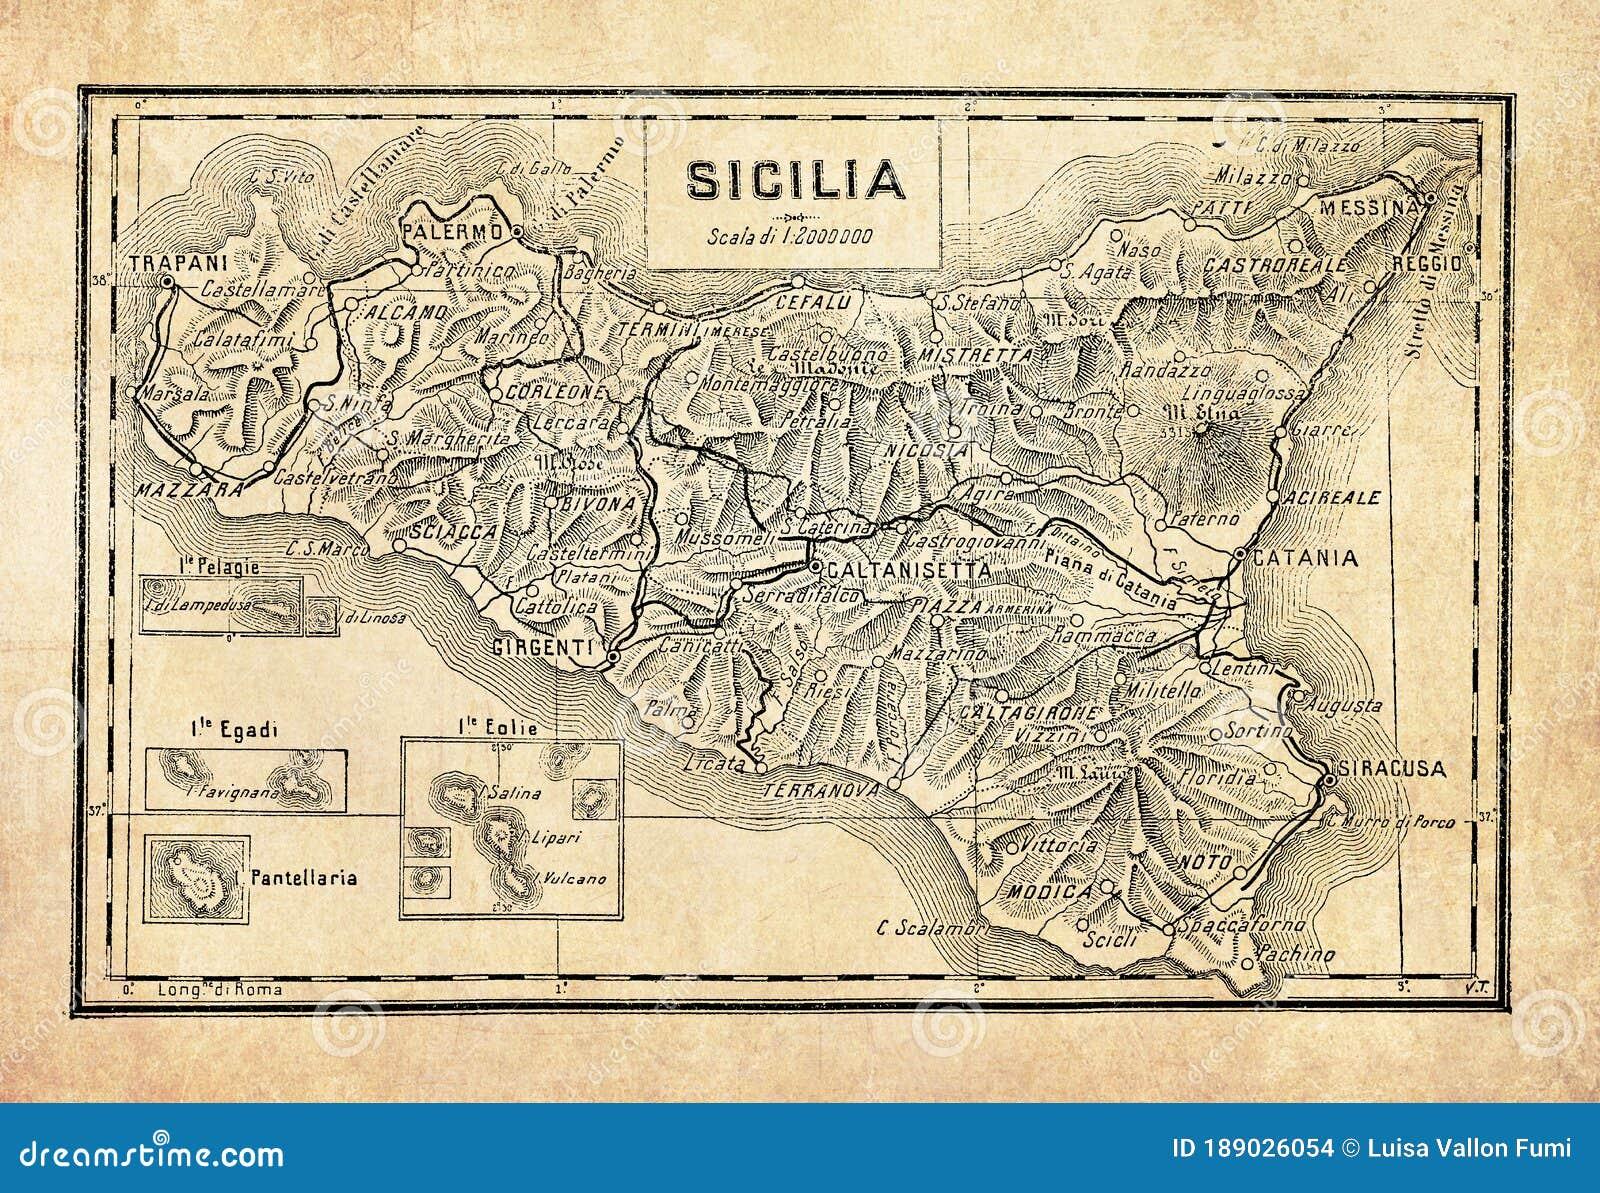 Cartina Della Sicilia Con Le Isole.Antica Mappa Dell Isola Di Sicilia Illustrazione Di Stock Illustrazione Di Geografico Storia 189026054